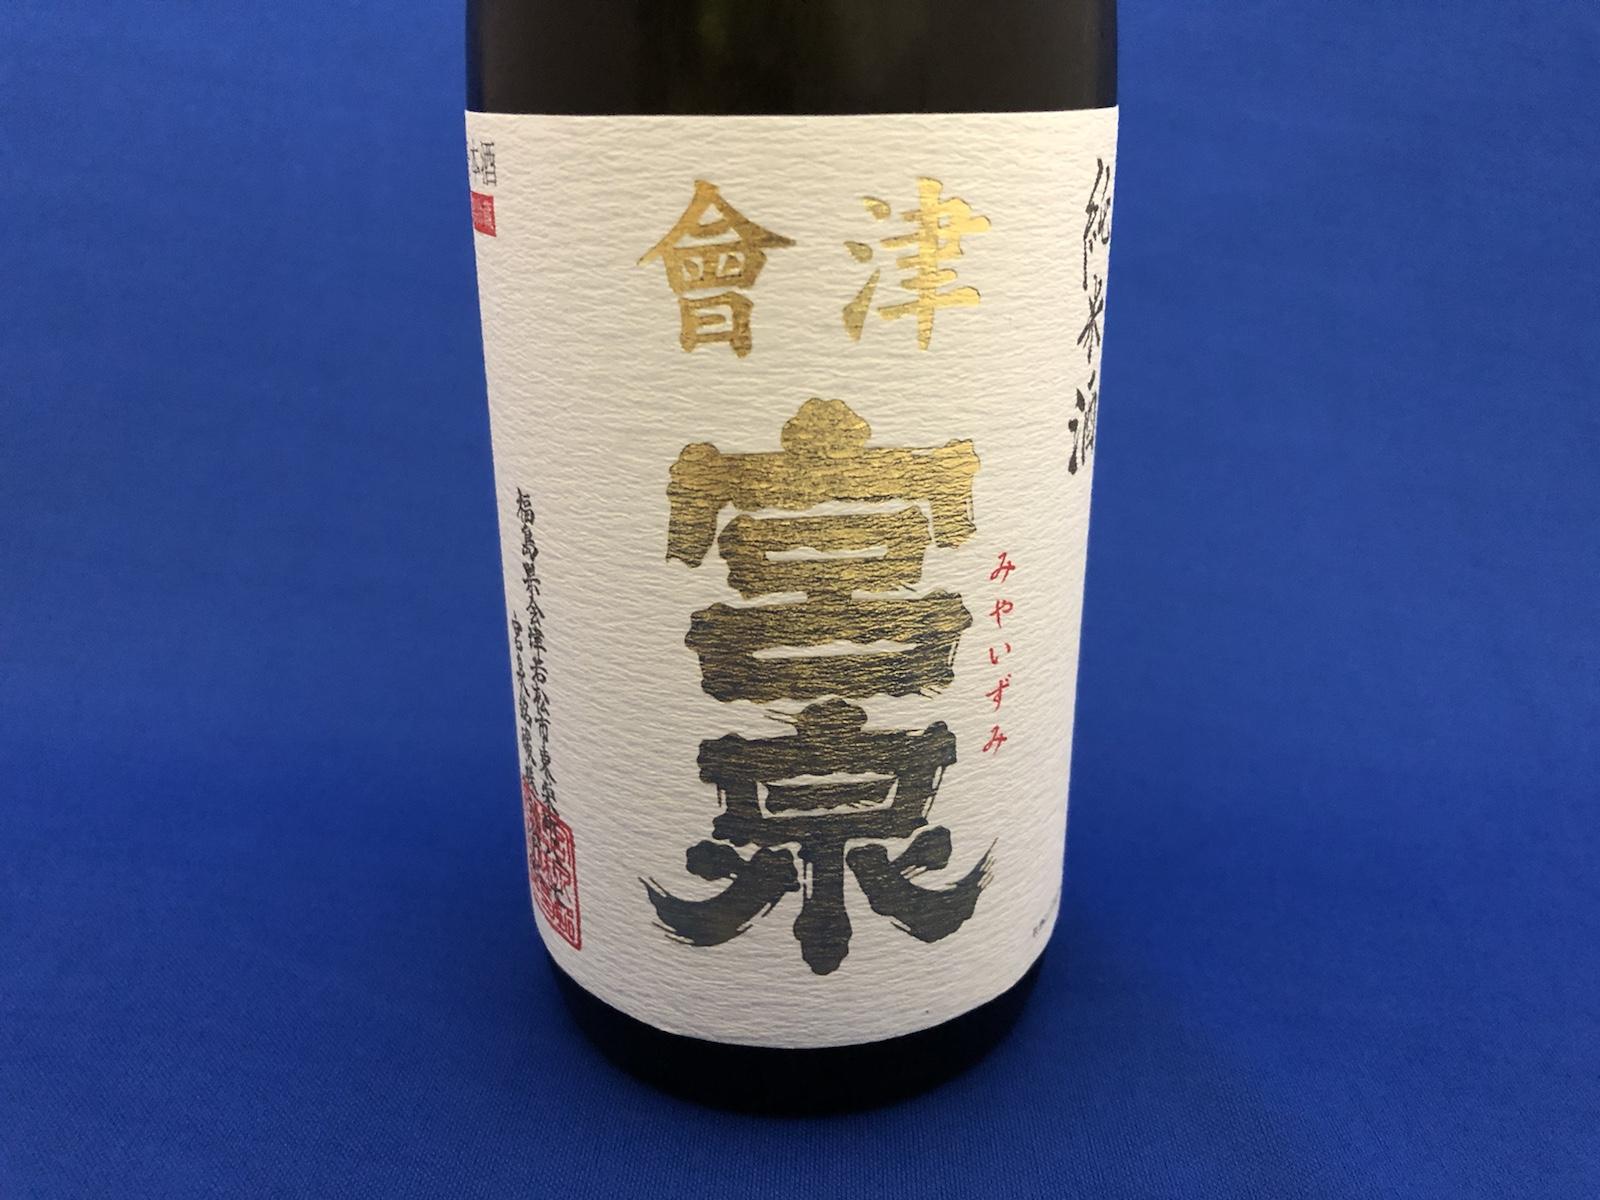 「會津宮泉」純米酒!「寫樂」の蔵元が生んだもう一つの名酒